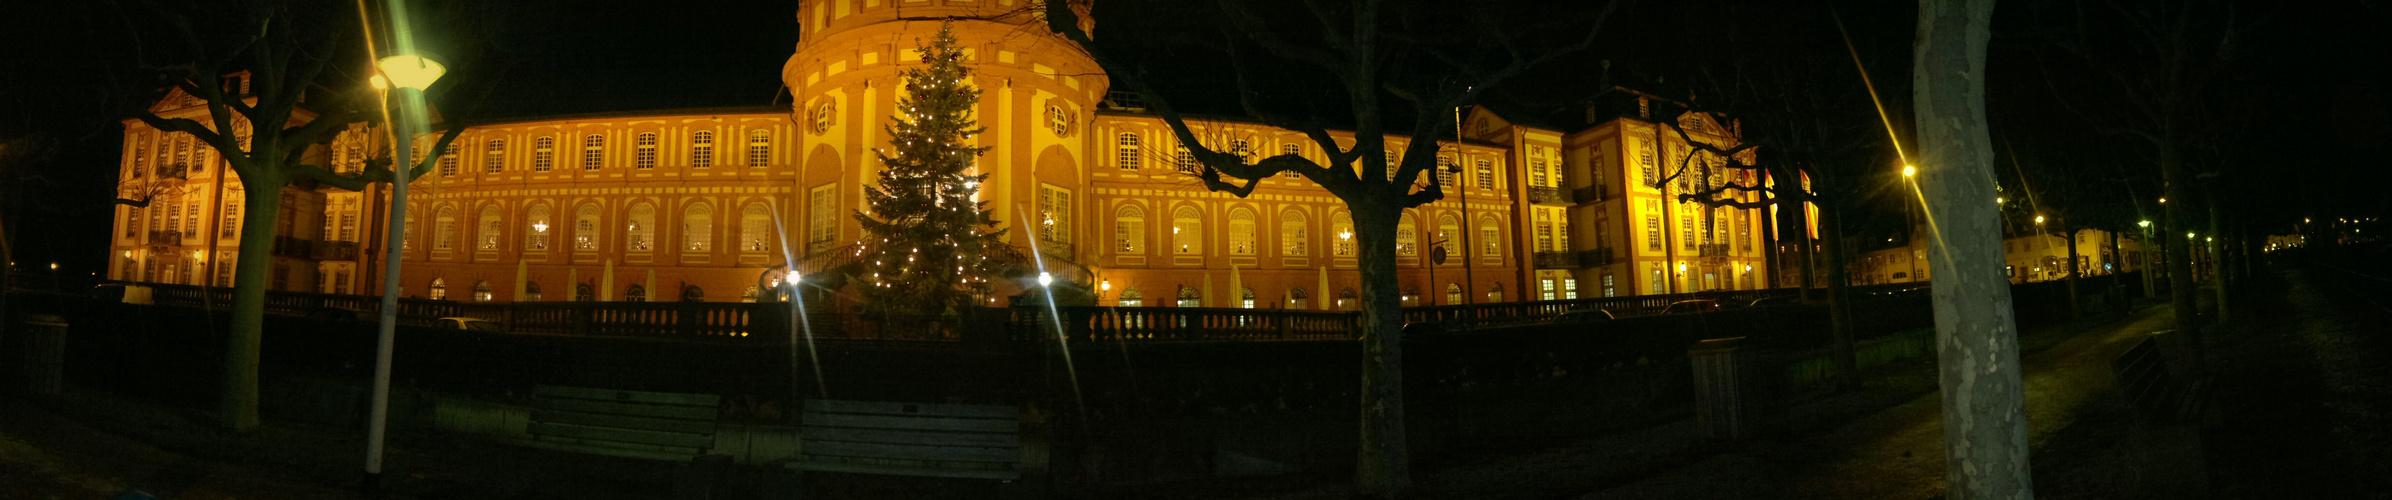 Panorama Bild vom biebricher Schloss